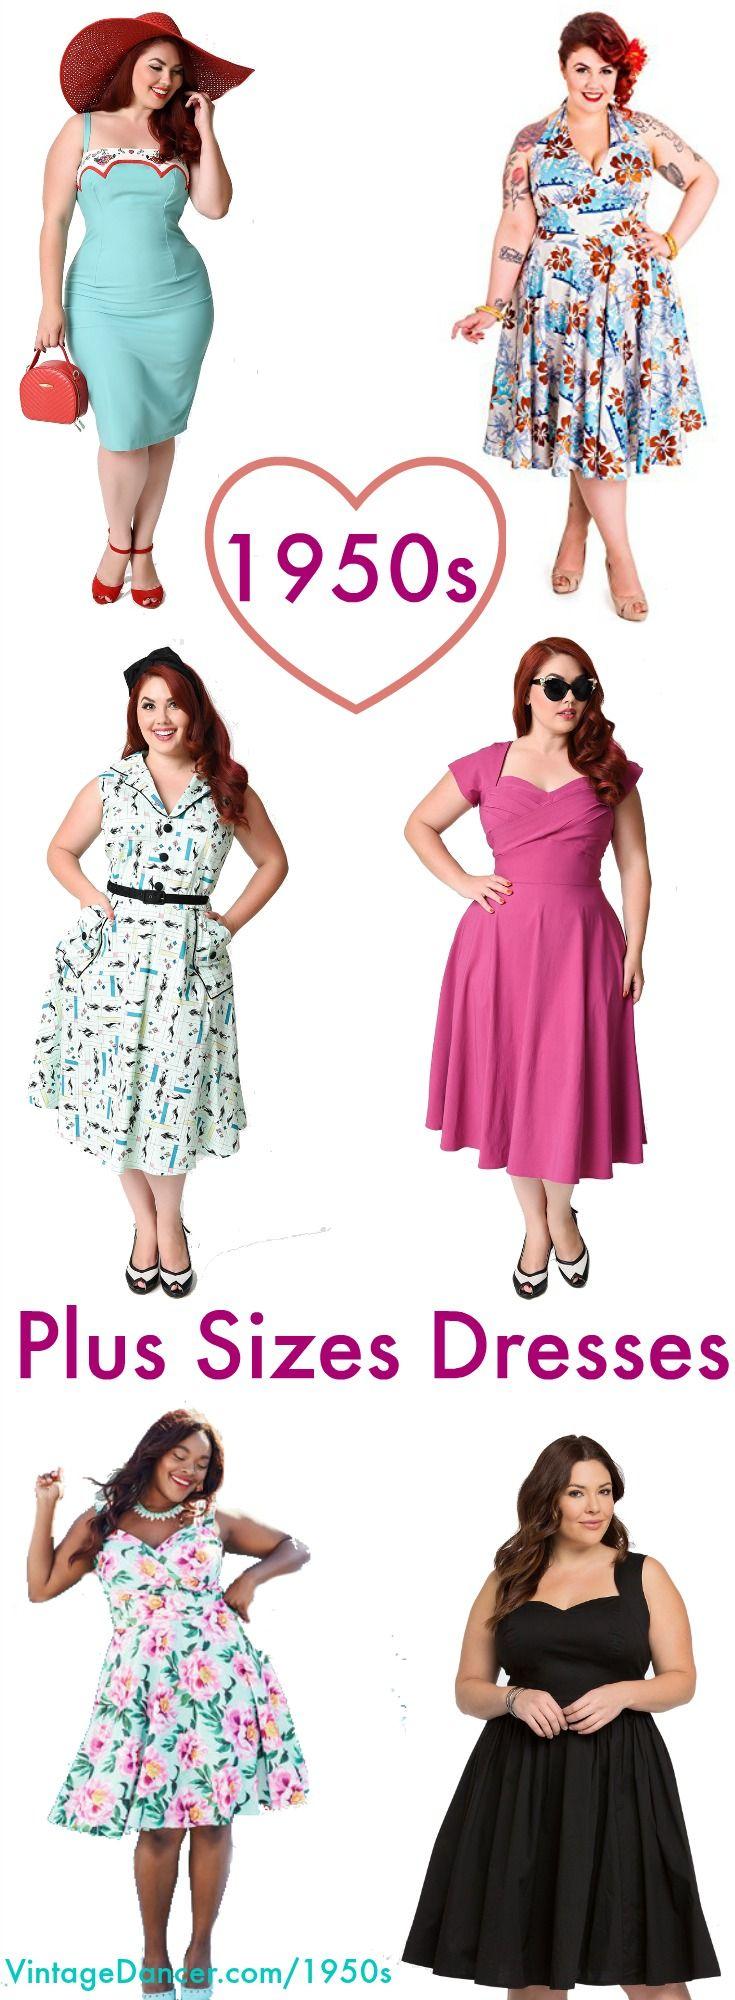 1950s Plus Size Dresses, Clothing | Kleider für mollige, Für mollige ...